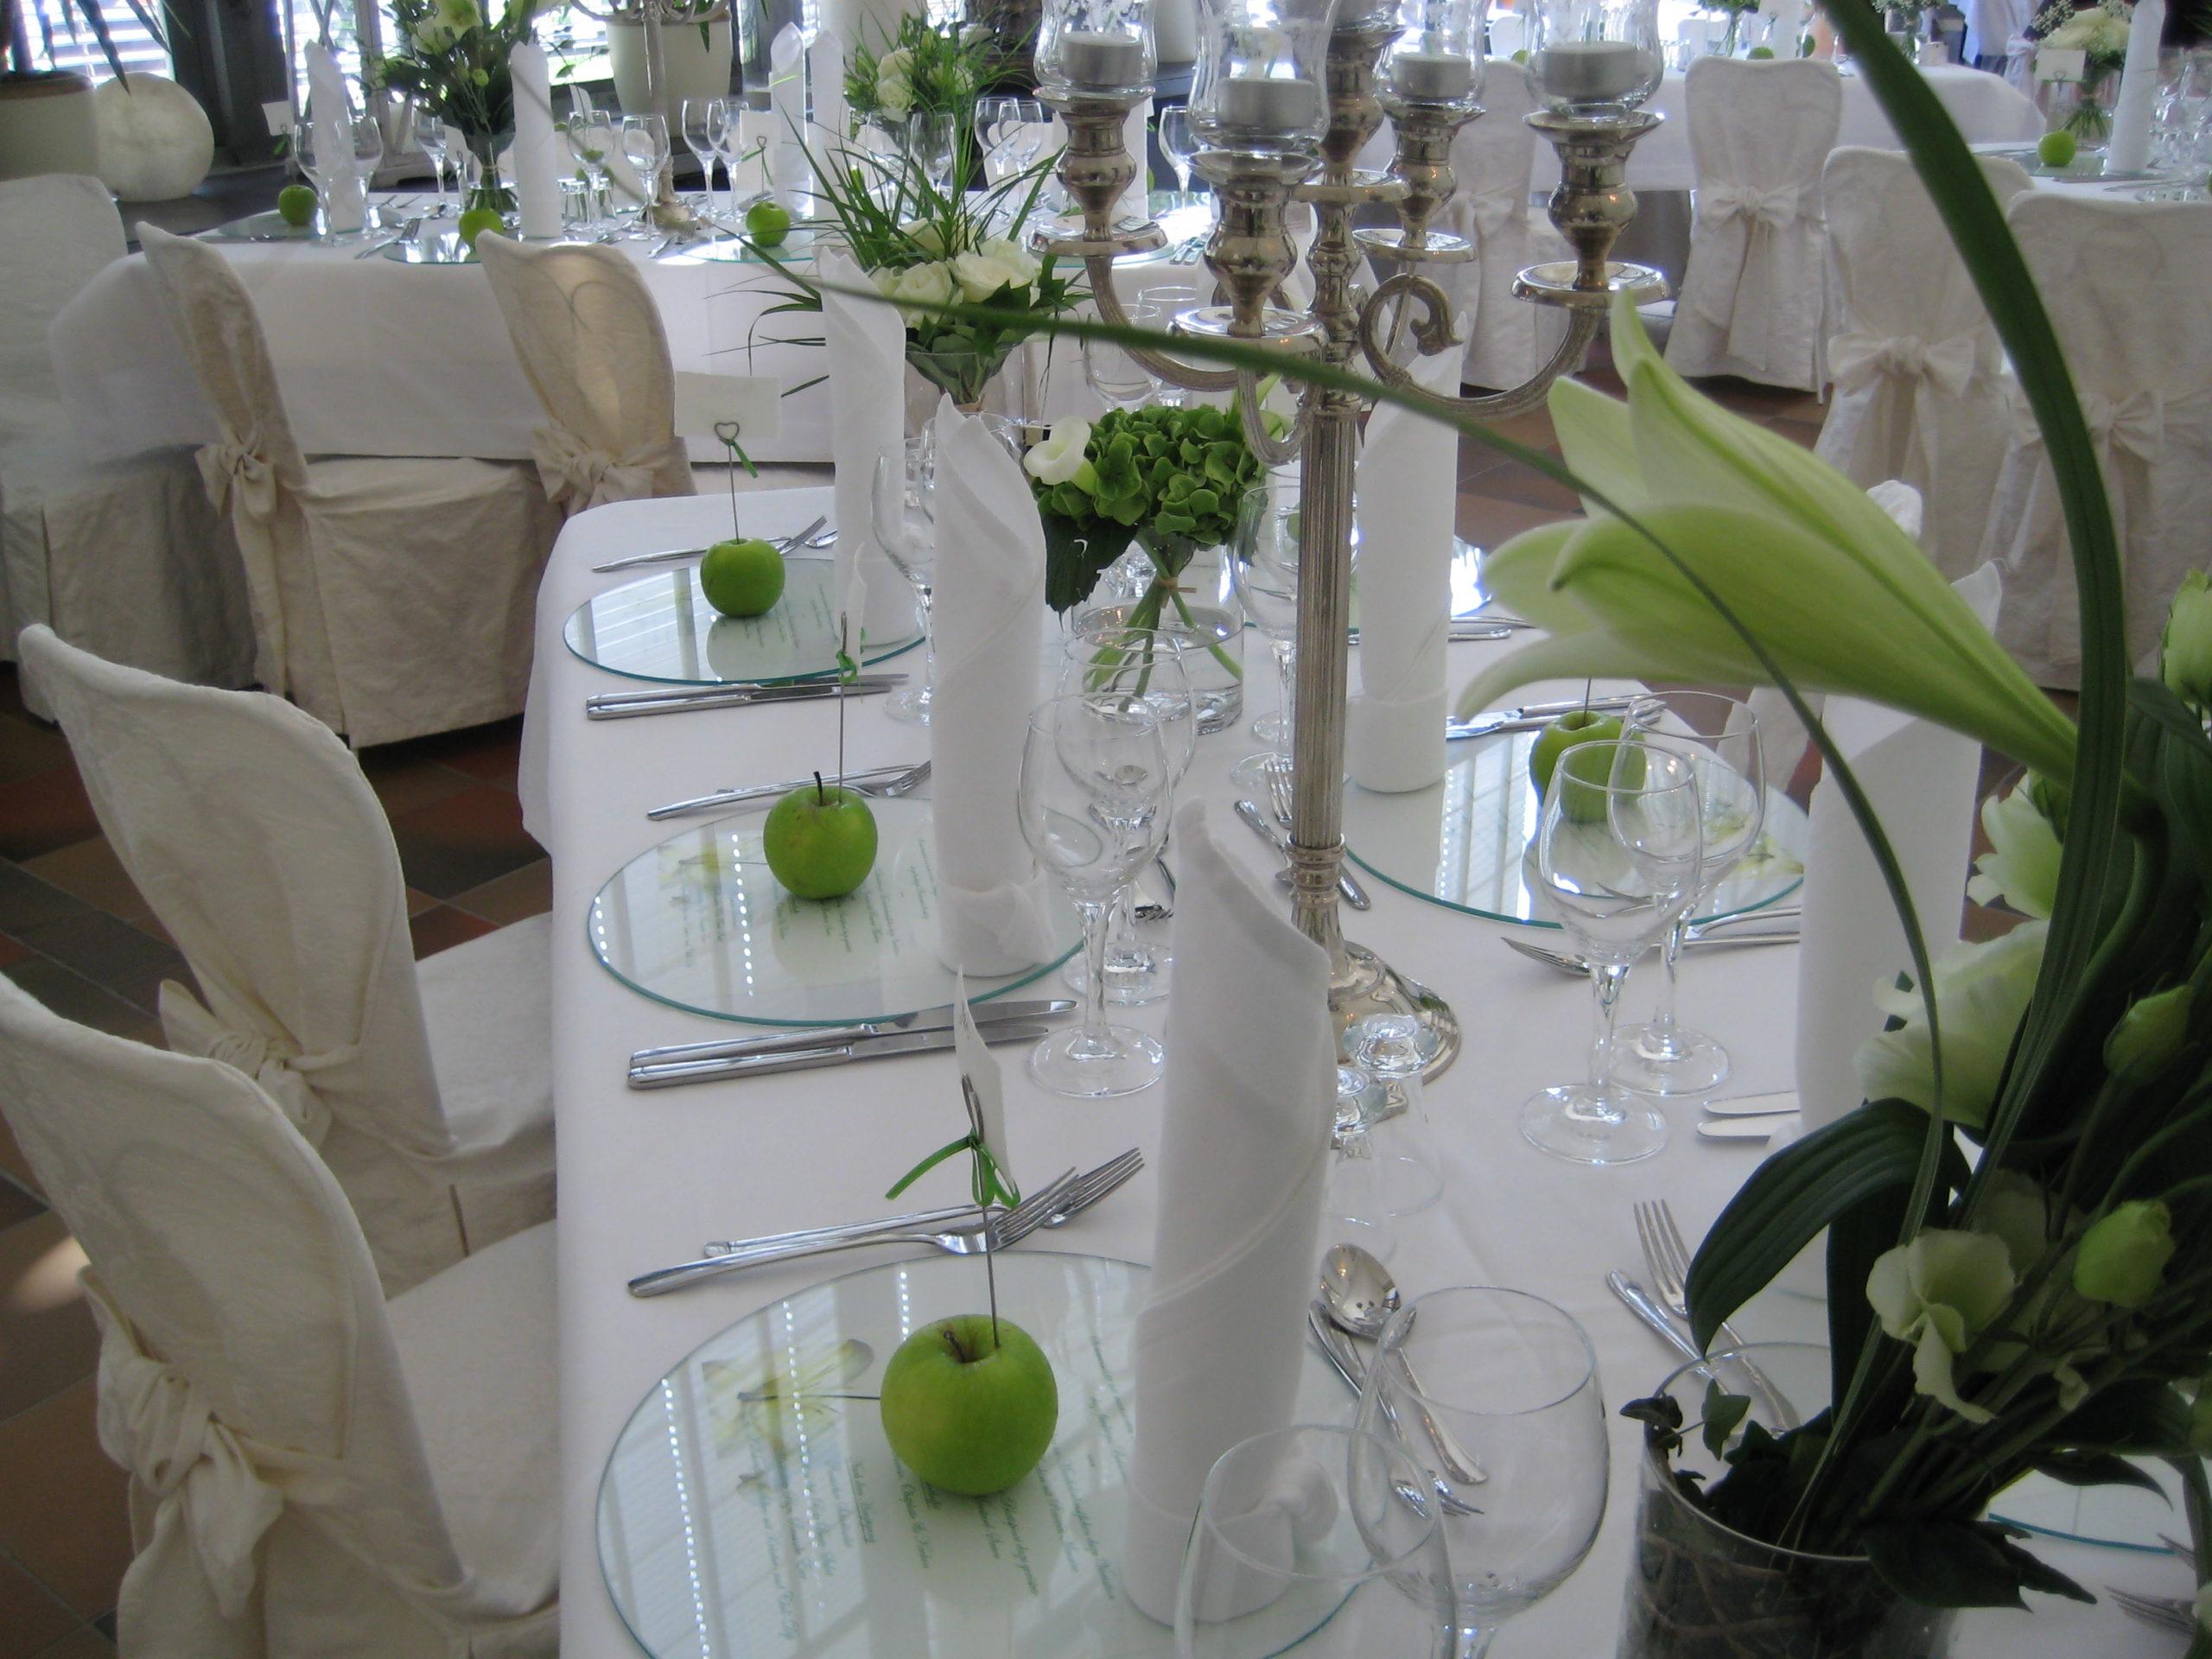 Standesamtliche Trauung, Schlosscafé im Palmenhaus